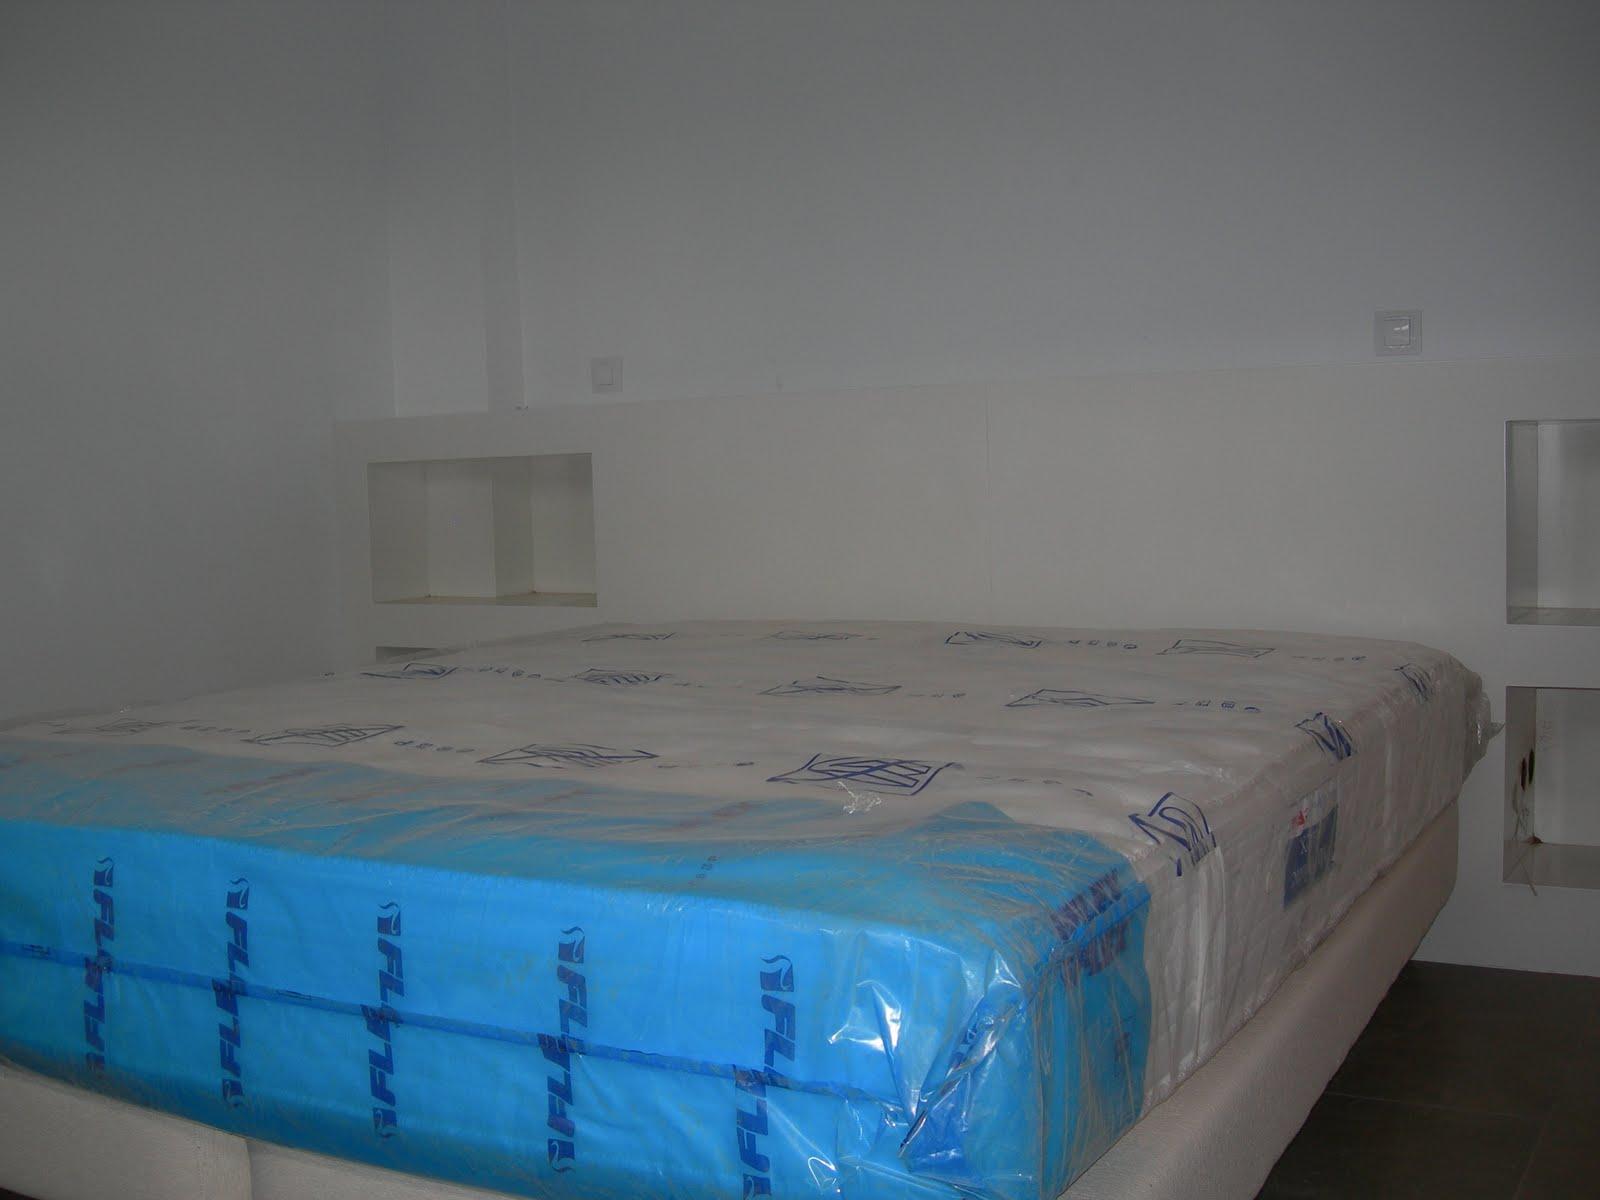 Muebles y dormitorios puertas cuellar - Cabecero mesillas integradas ...